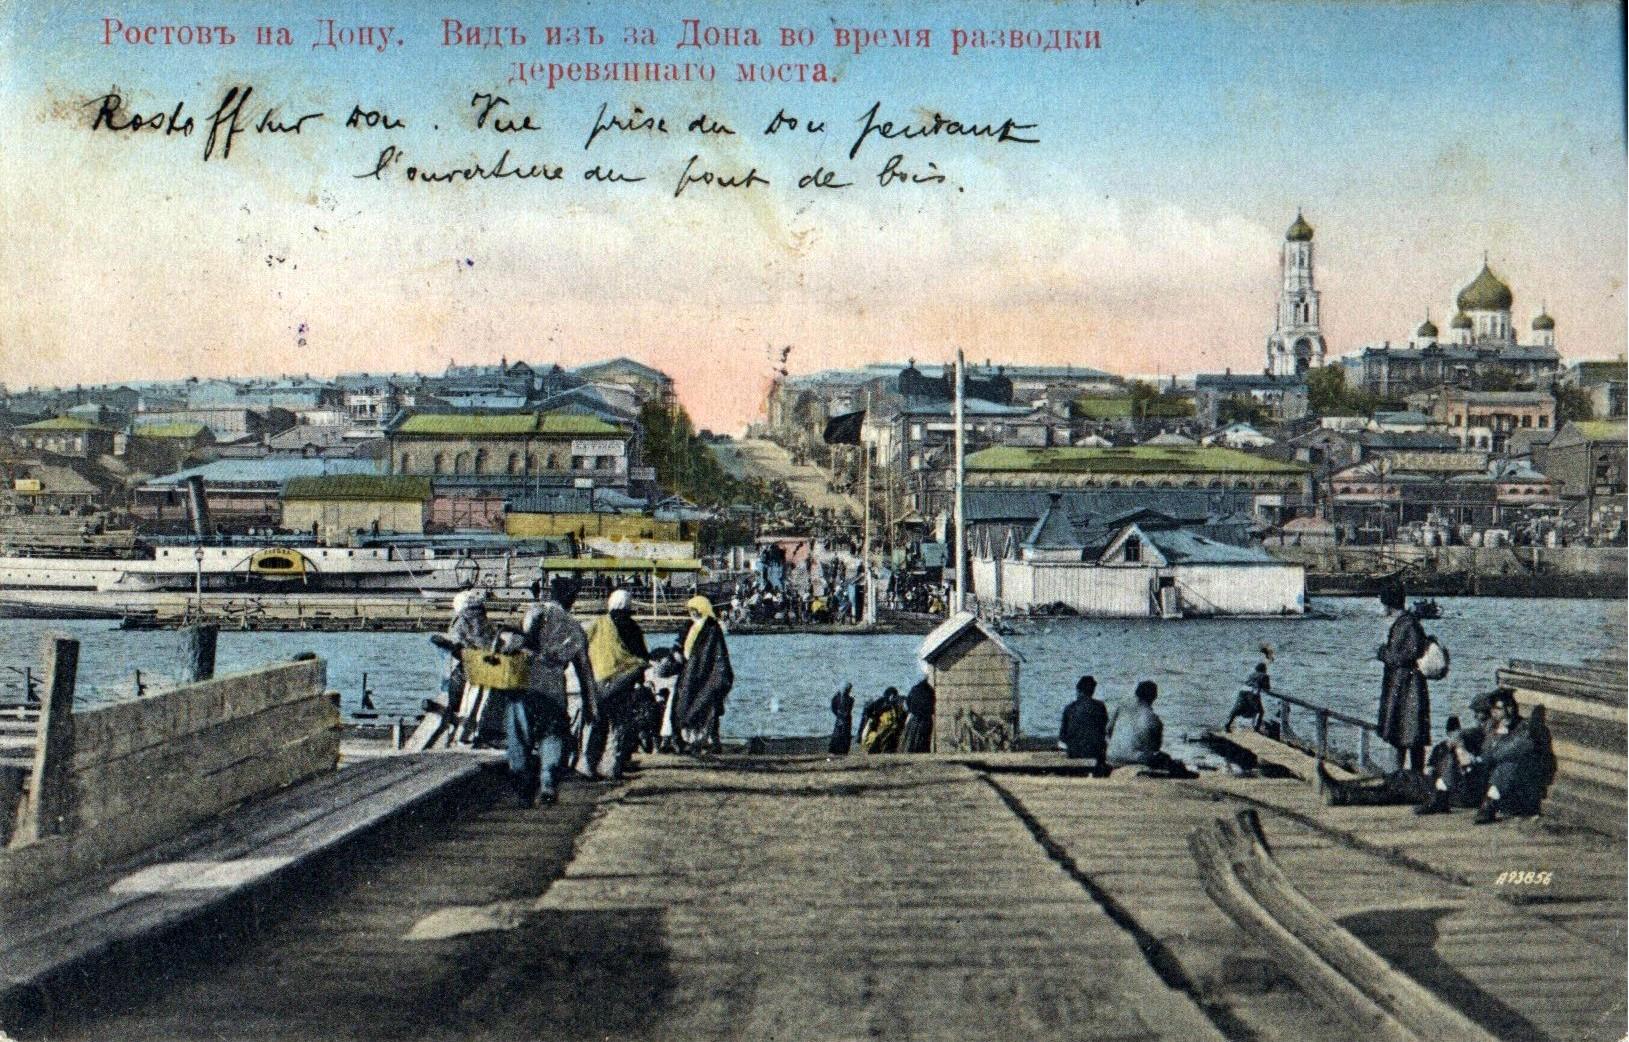 Вид из за Дона во время разводки деревянного моста